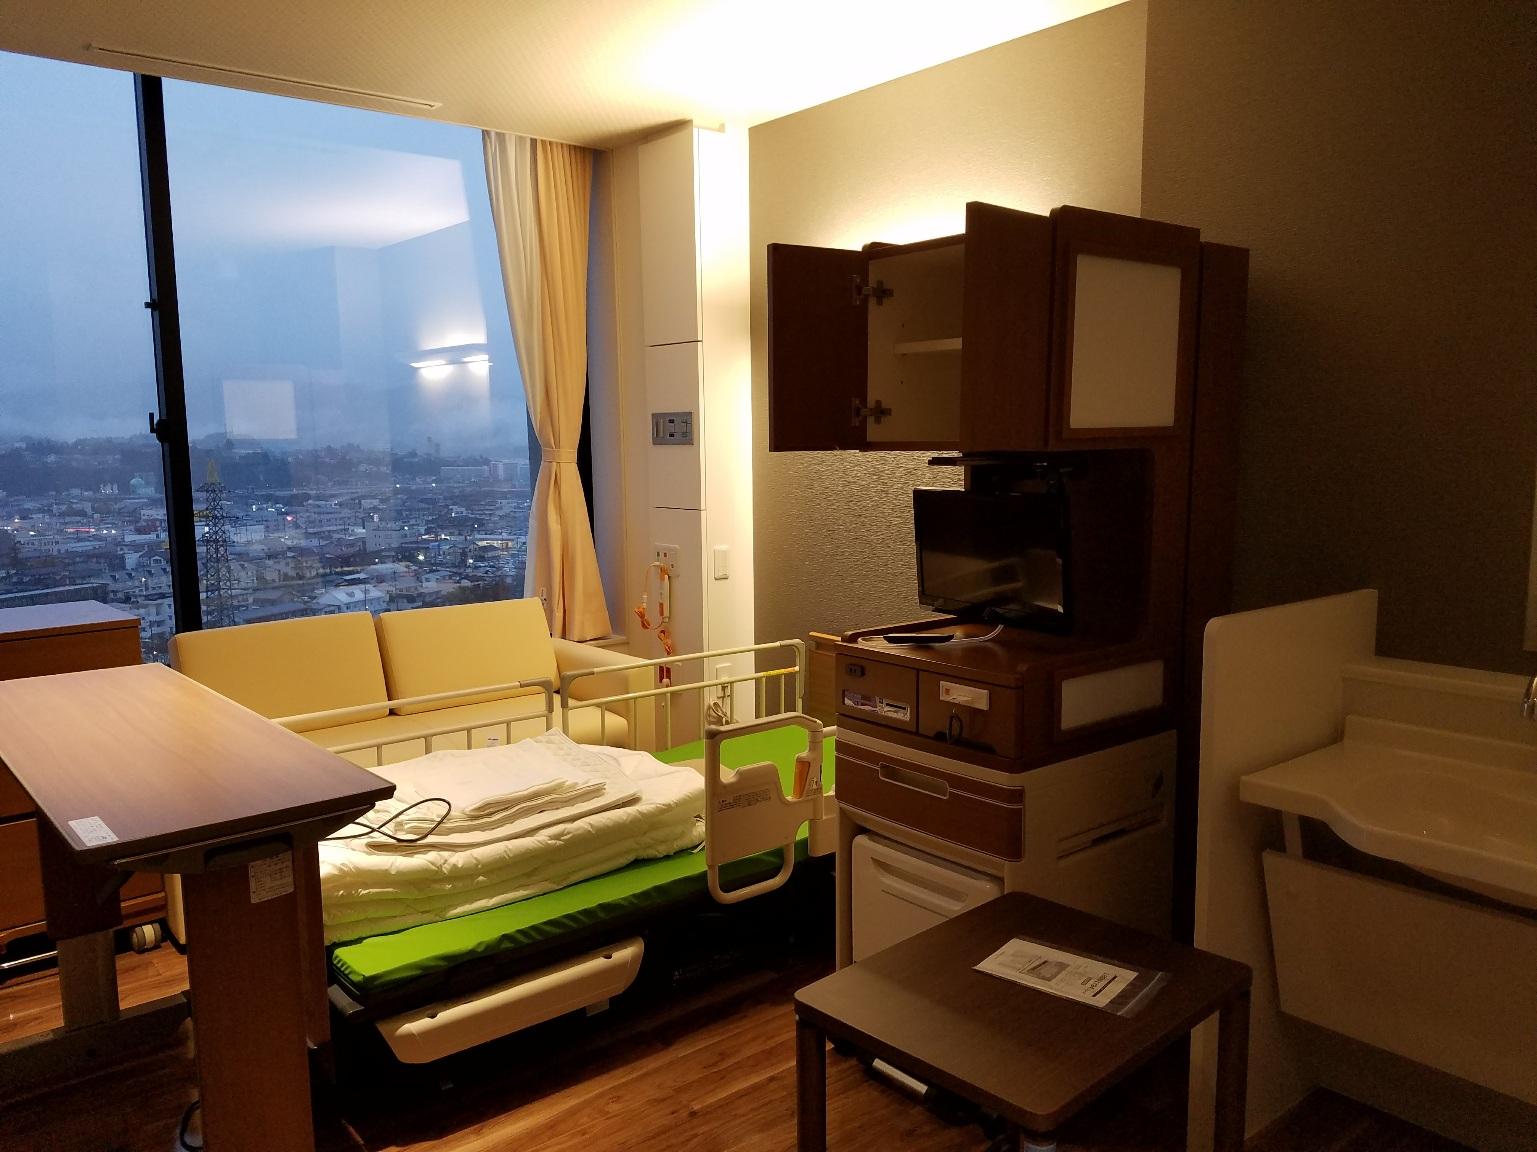 病院 気仙沼 市立 「気仙沼市立病院新改革プラン」を策定しました。